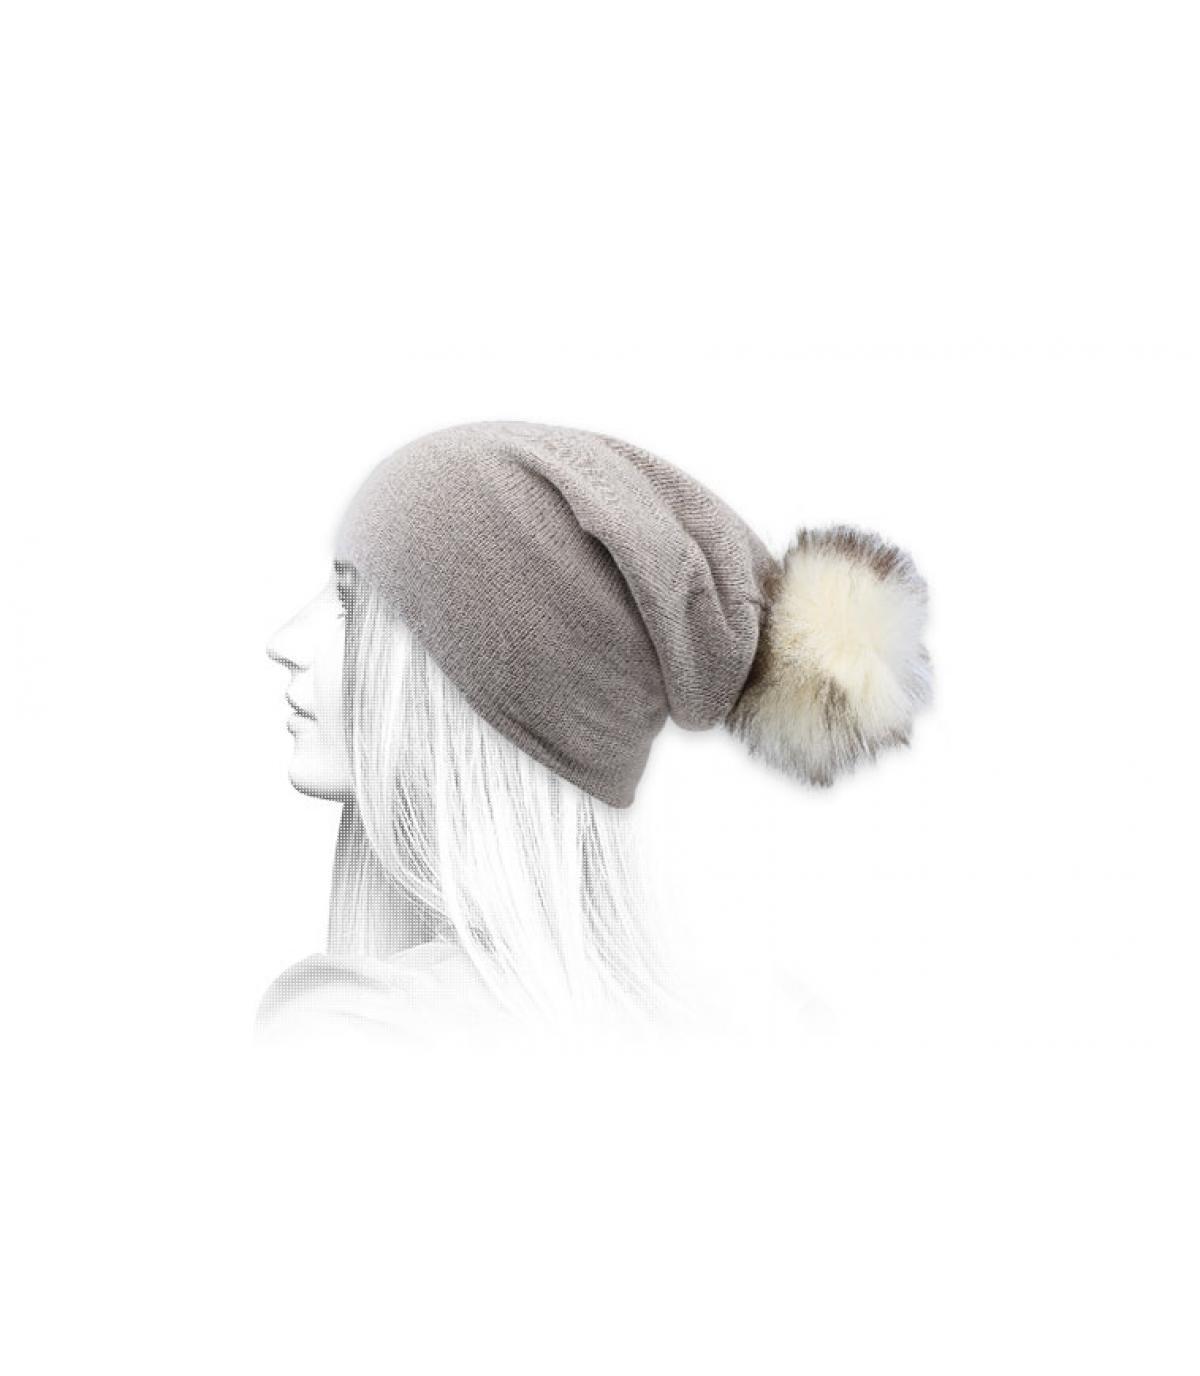 Bommel Mütze Fellbommel beige